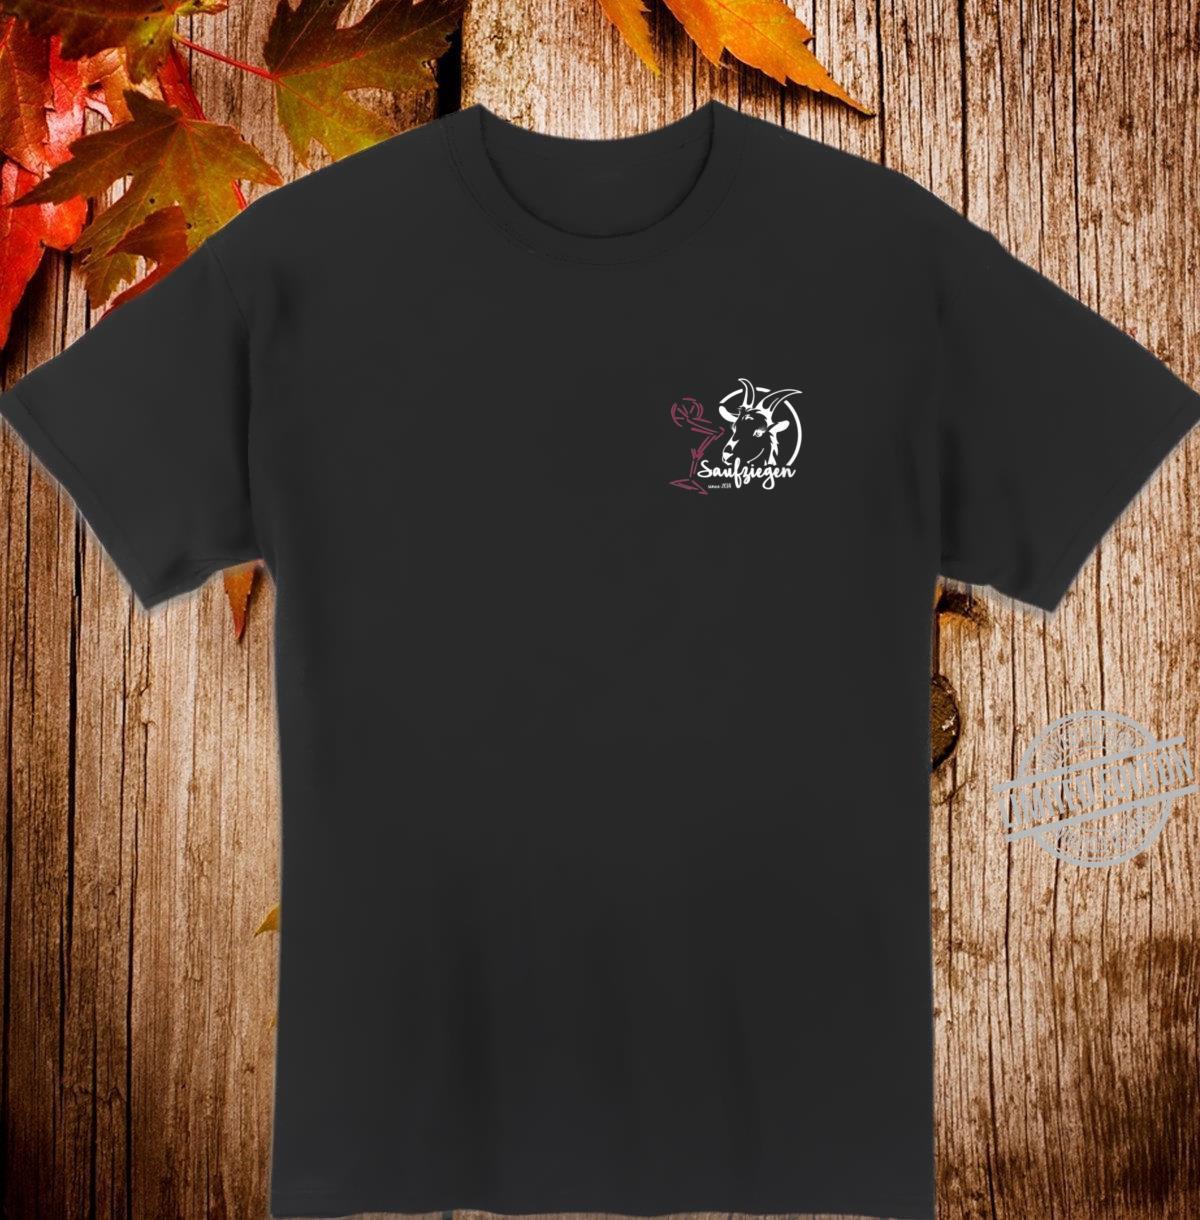 Damen Saufziegen Shirt